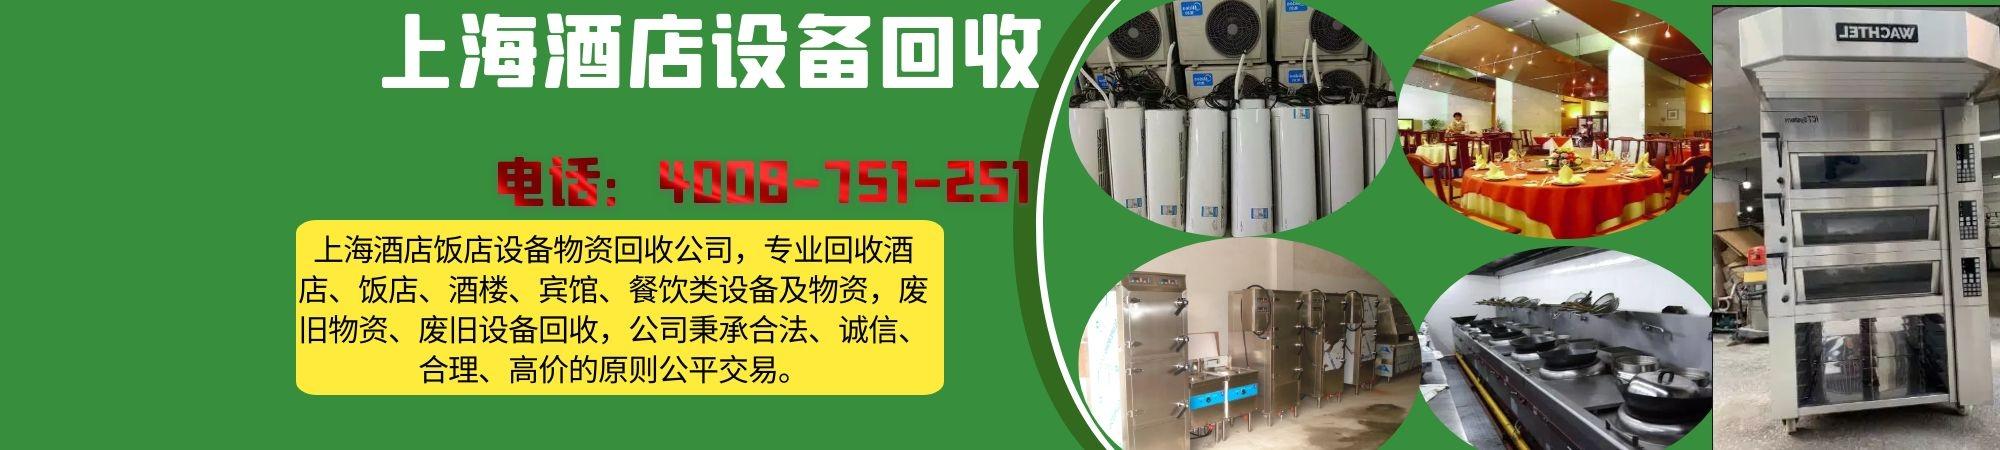 上海厨具回收,上海蛋糕房设备回收